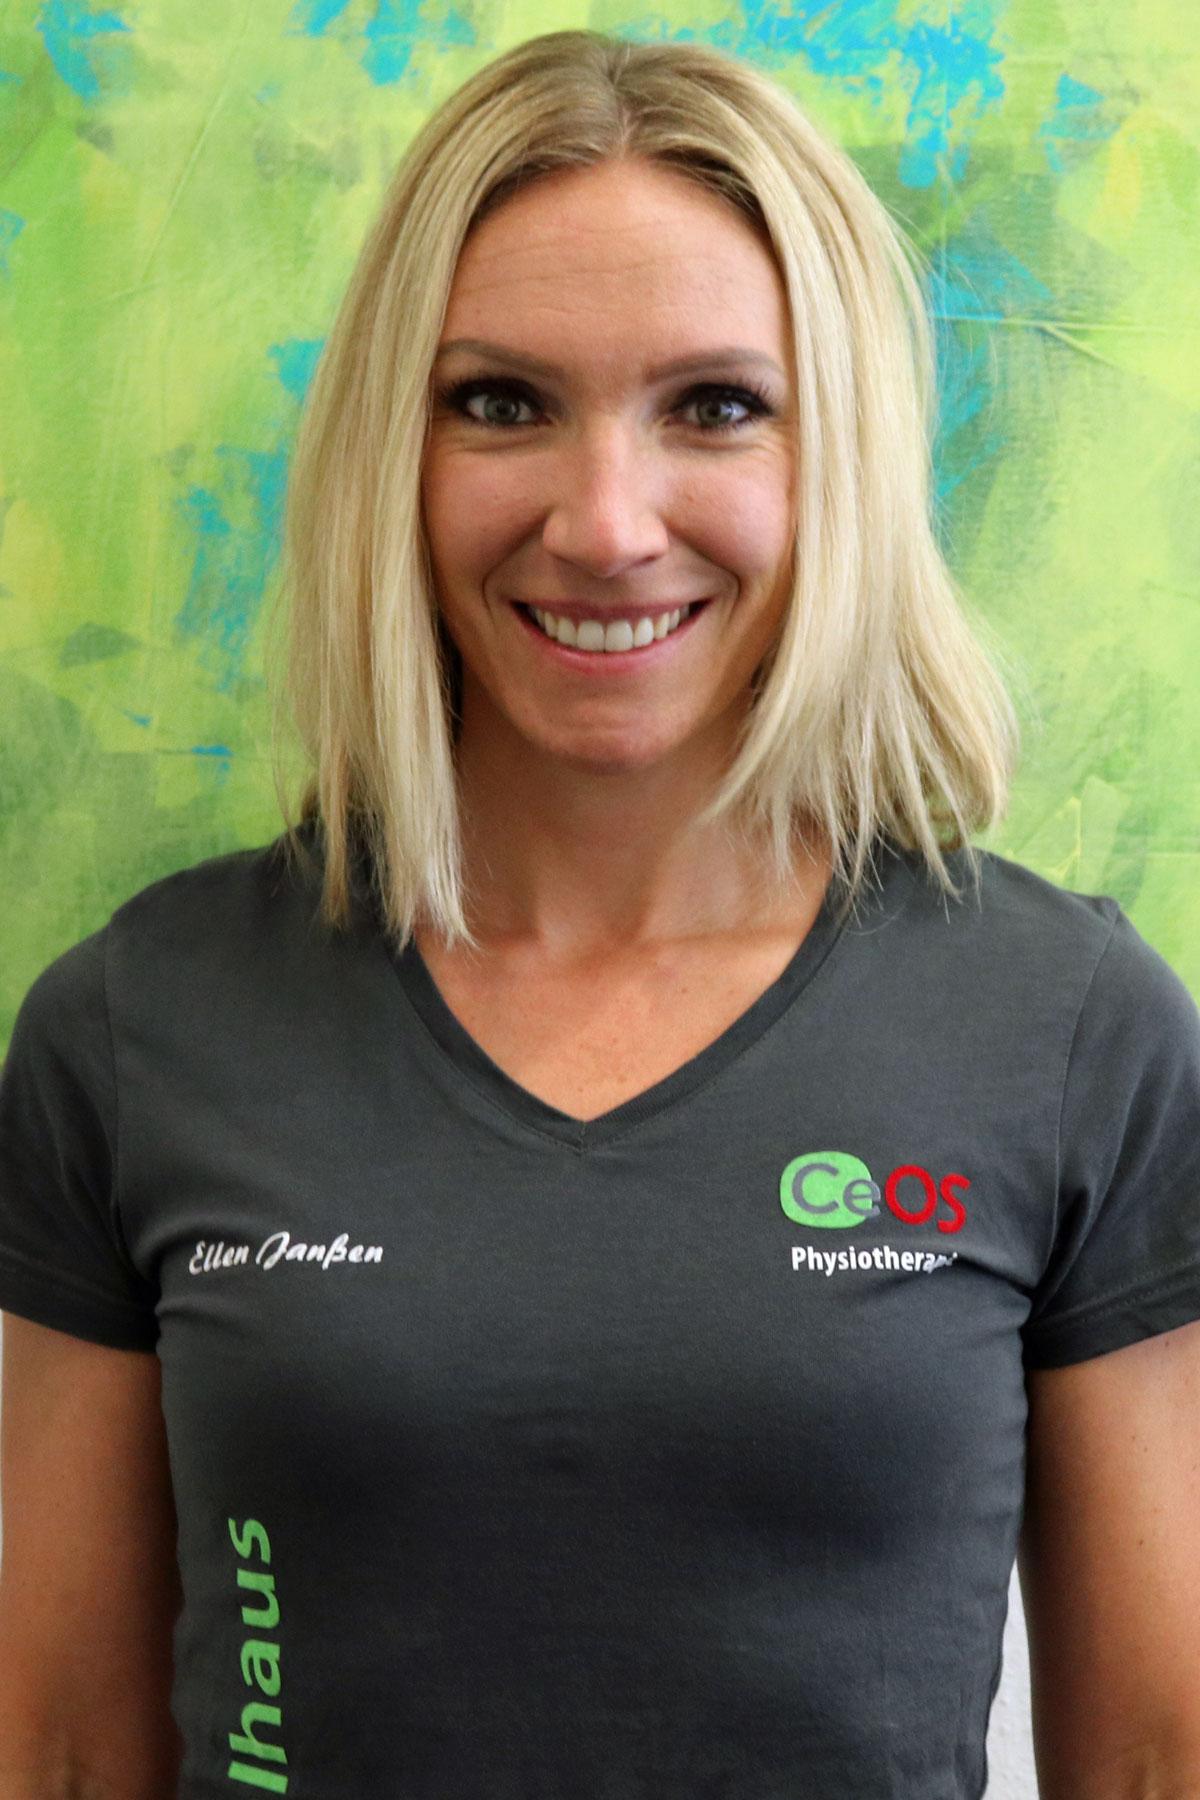 Ellen Janßen